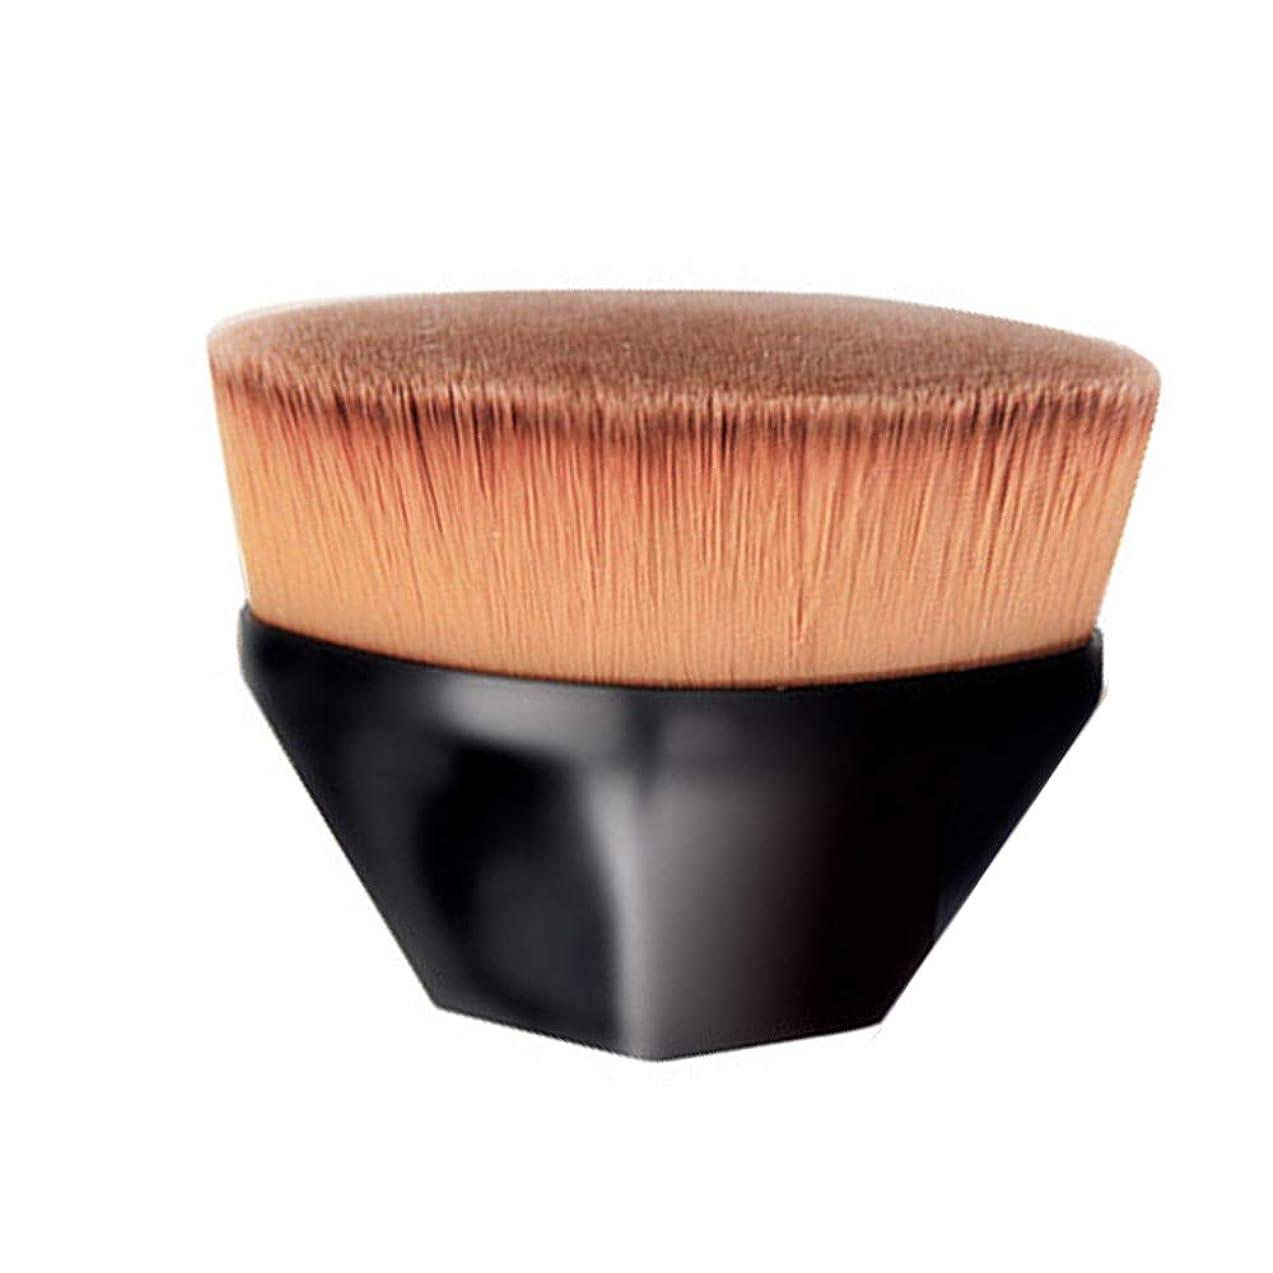 語除去形容詞YuJiny メイクアップブラシ 粧ブラシ 可愛い 化粧筆 肌に優しい ファンデーションブラシ アイシャドウブラシ 携帯便利 (ブラック)